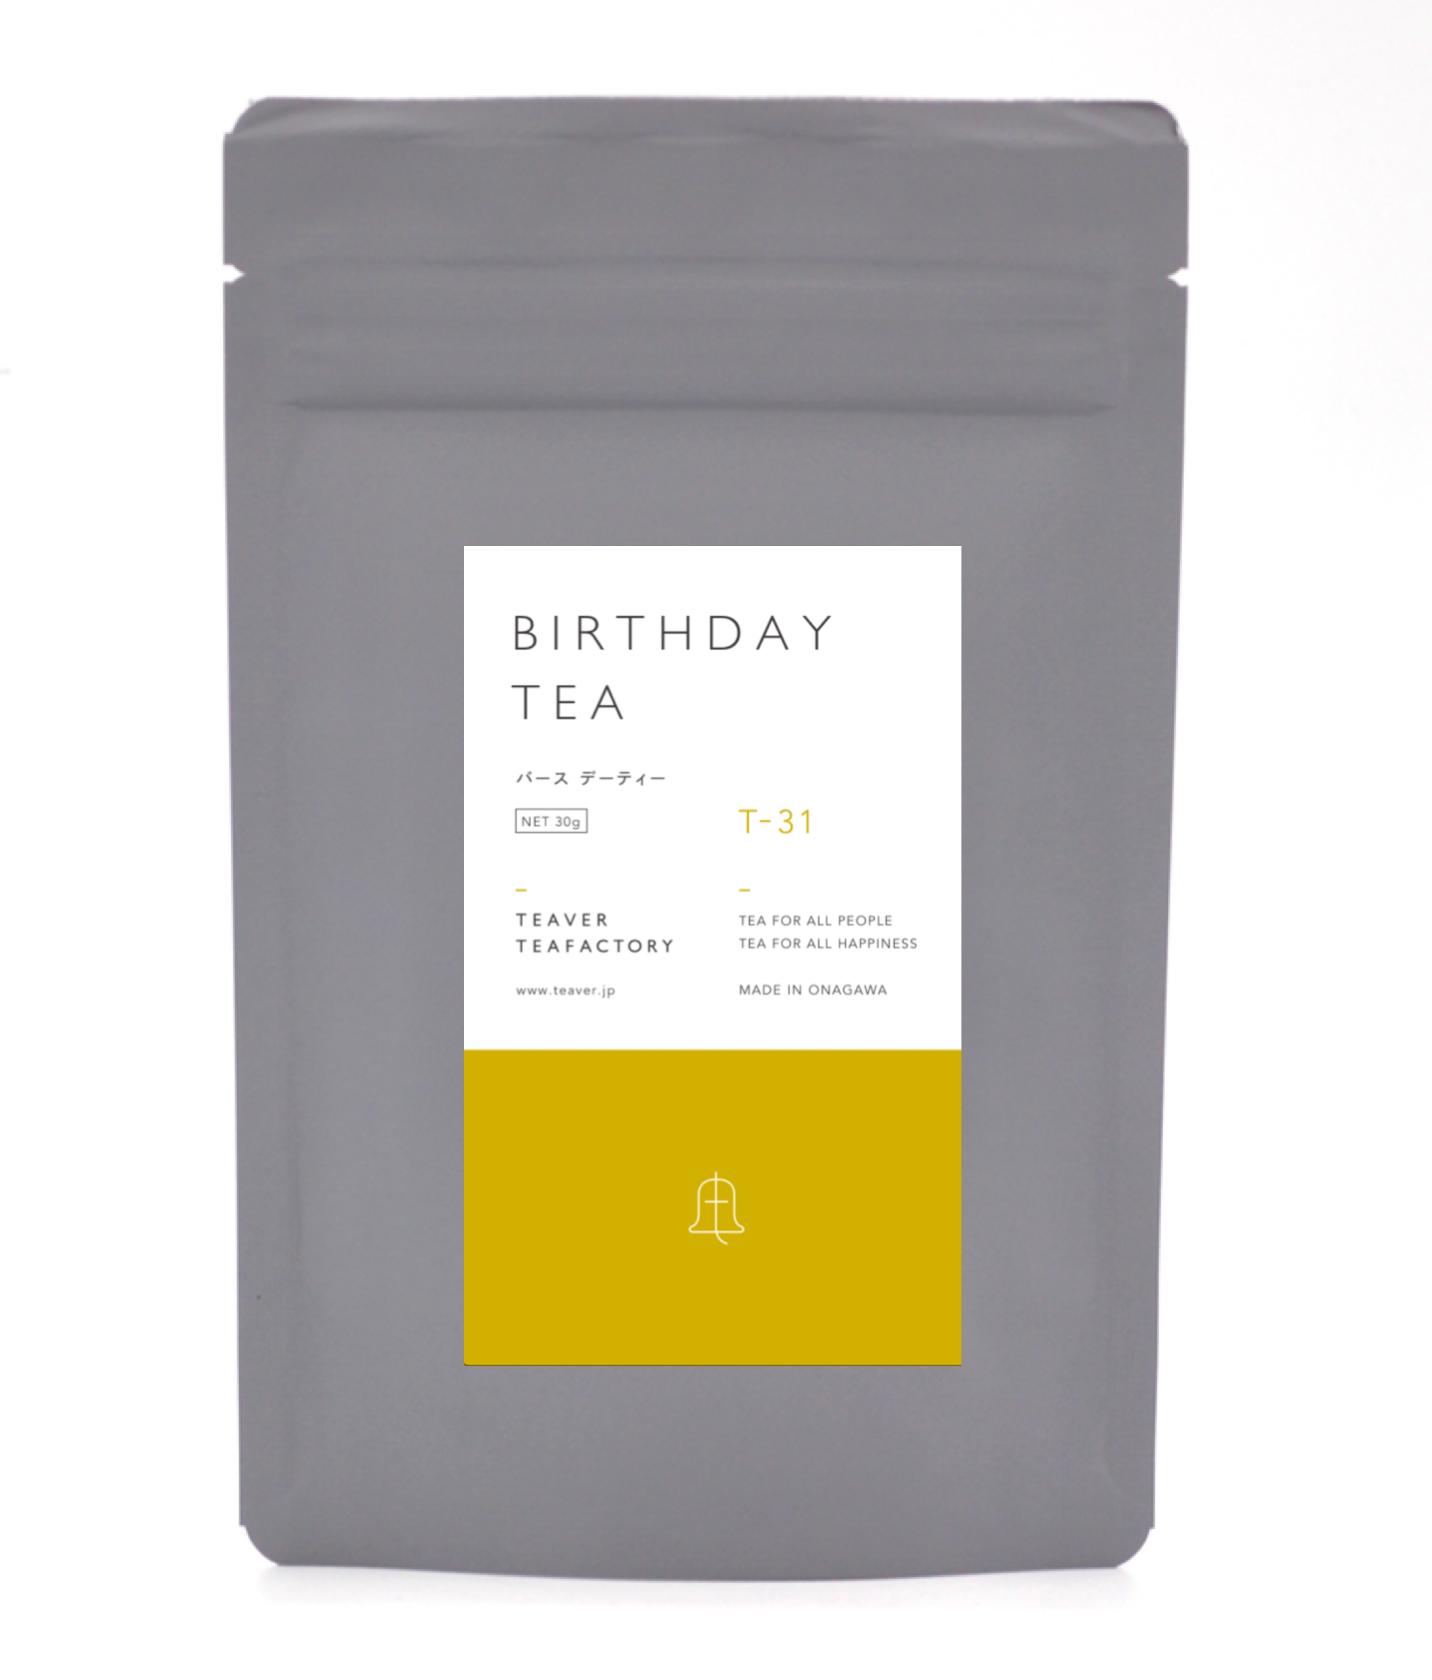 バースデーティー(紅茶+日本茶ブレンドティー)30g袋入